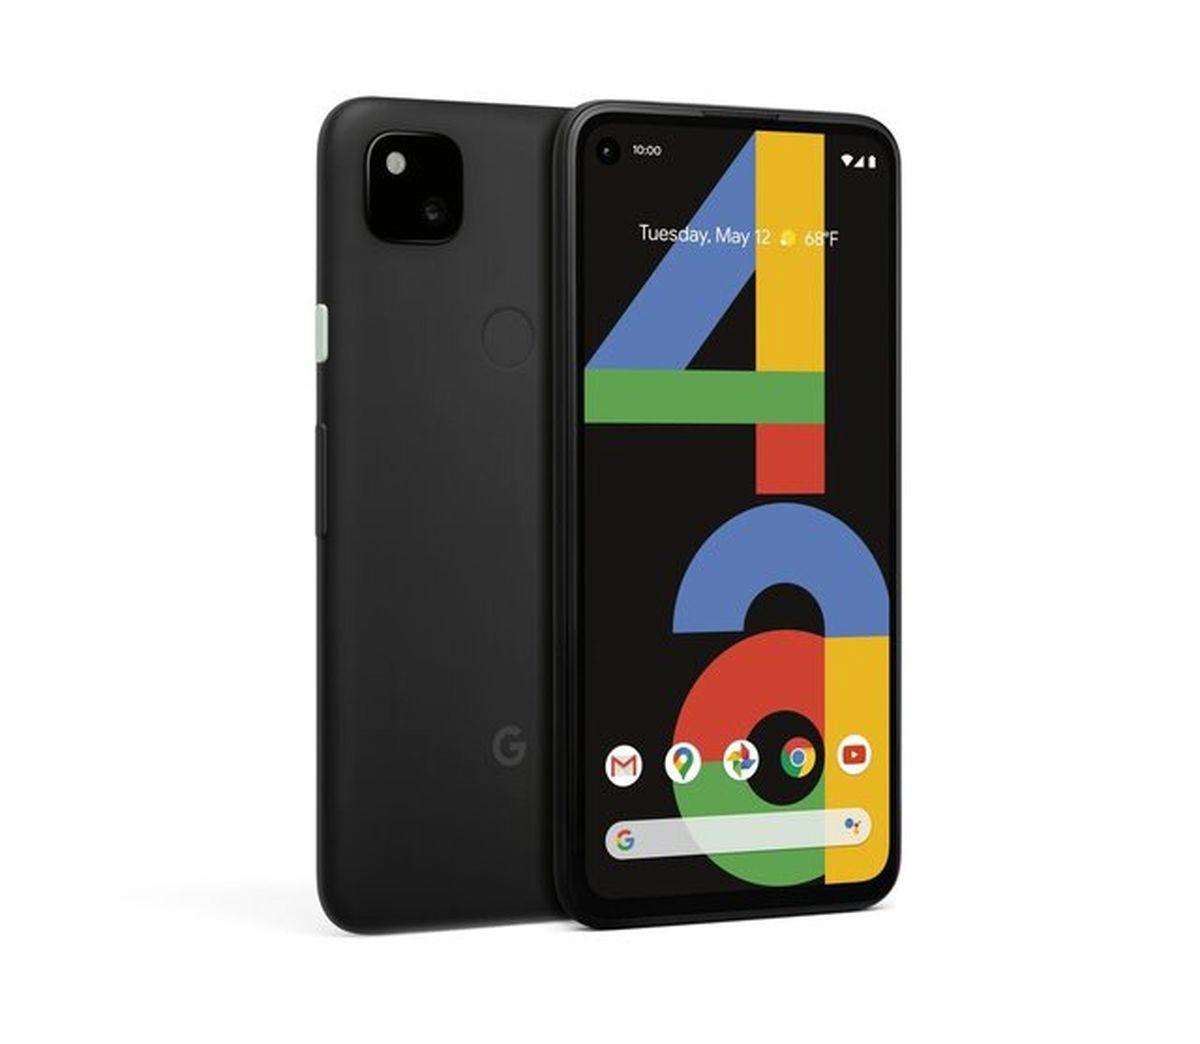 خلاصی از انتظار پشت خط تلفن با قابلیت جدید گوگل